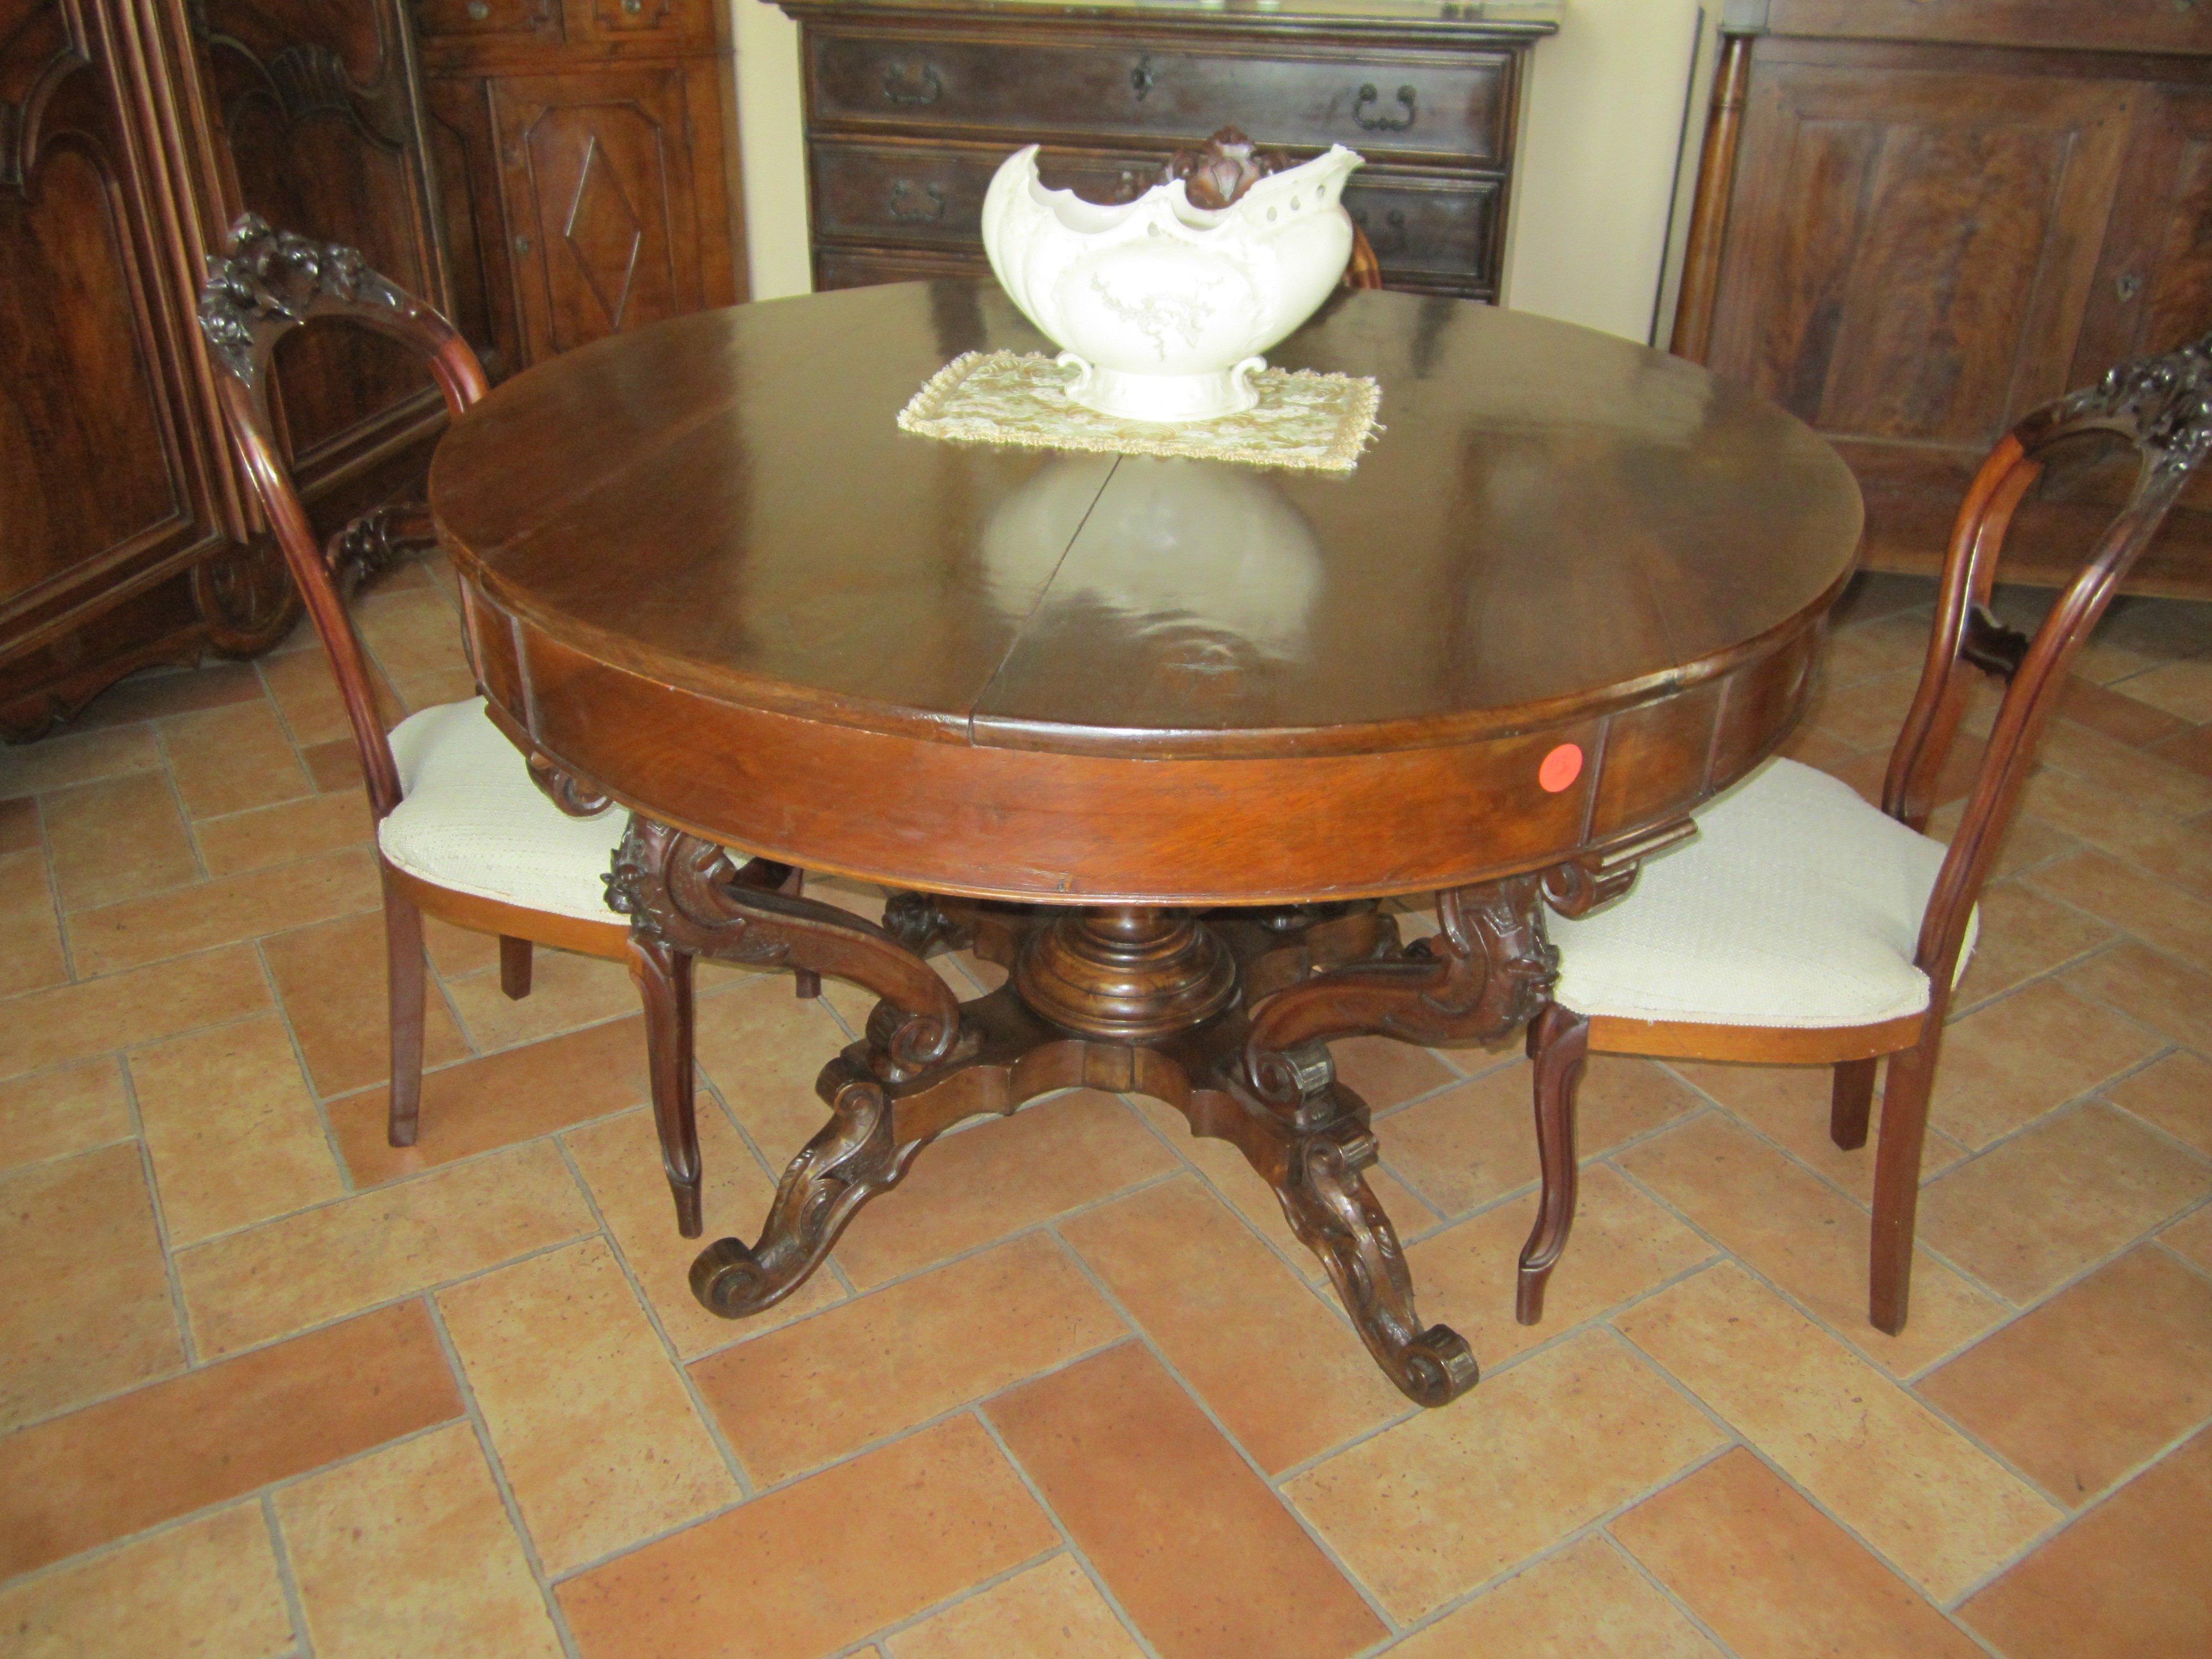 tavolo rotondo in legno con sopra un soprammobile